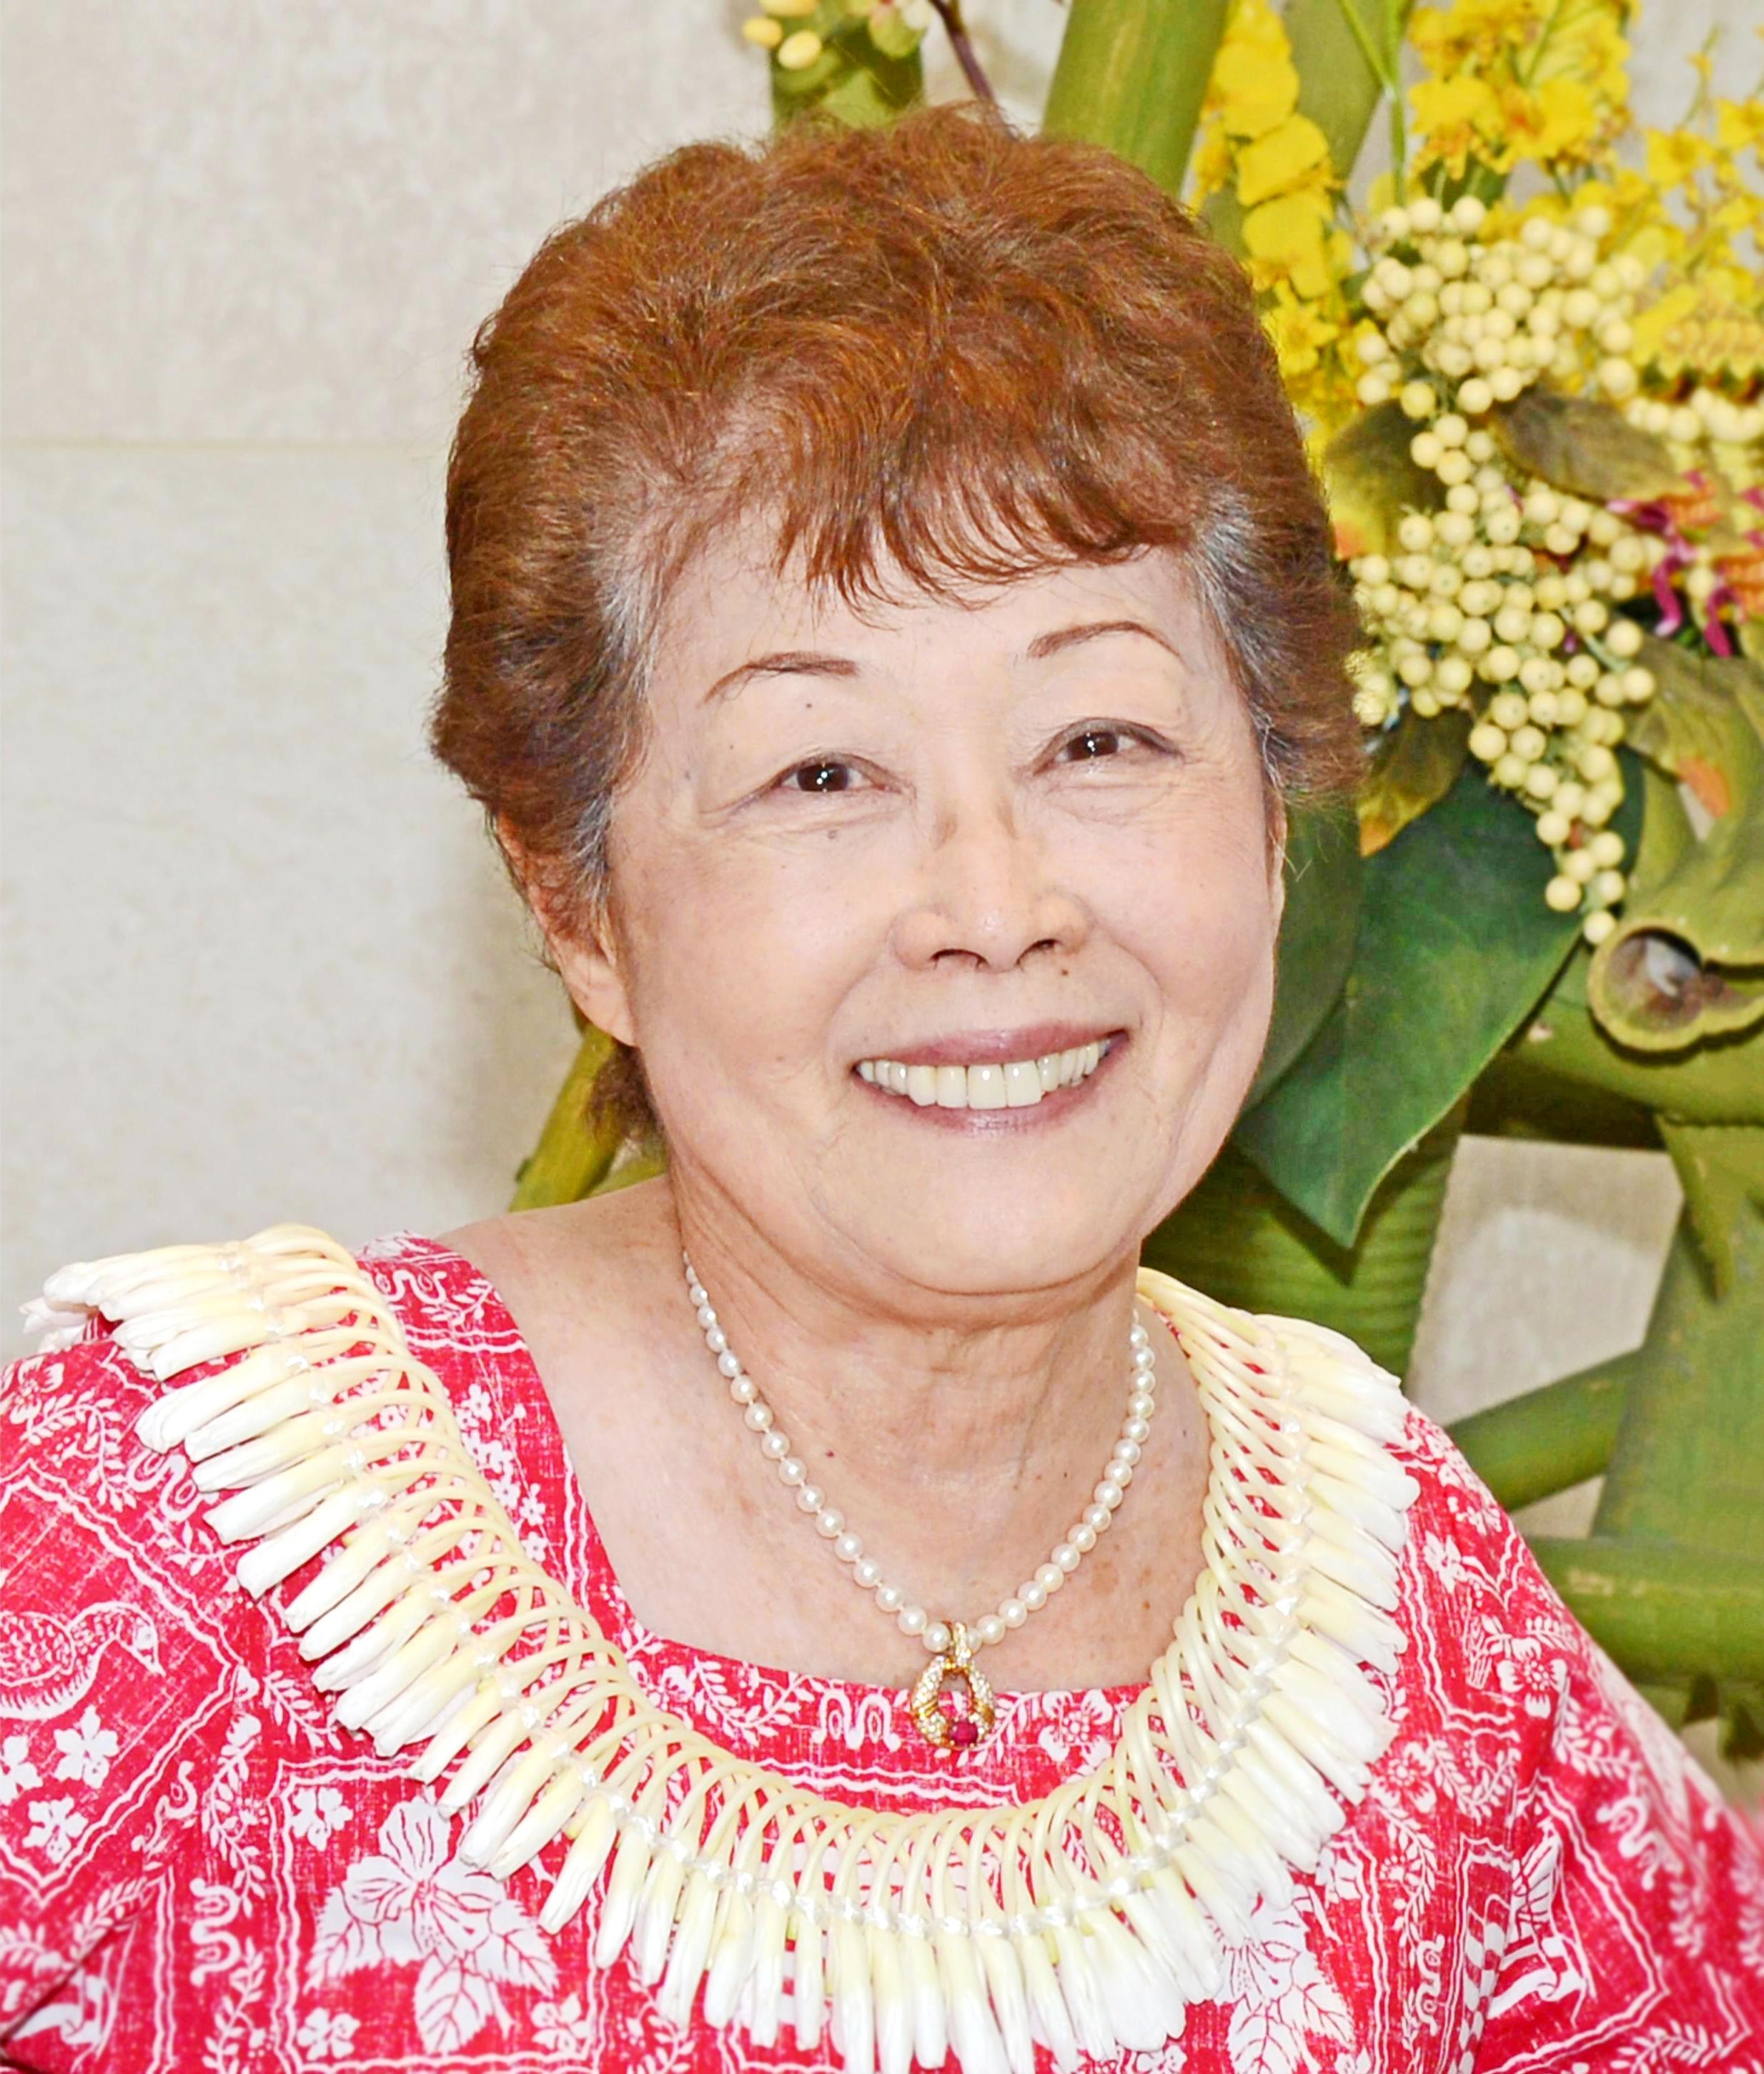 Nancy Yuriko Ishimoto